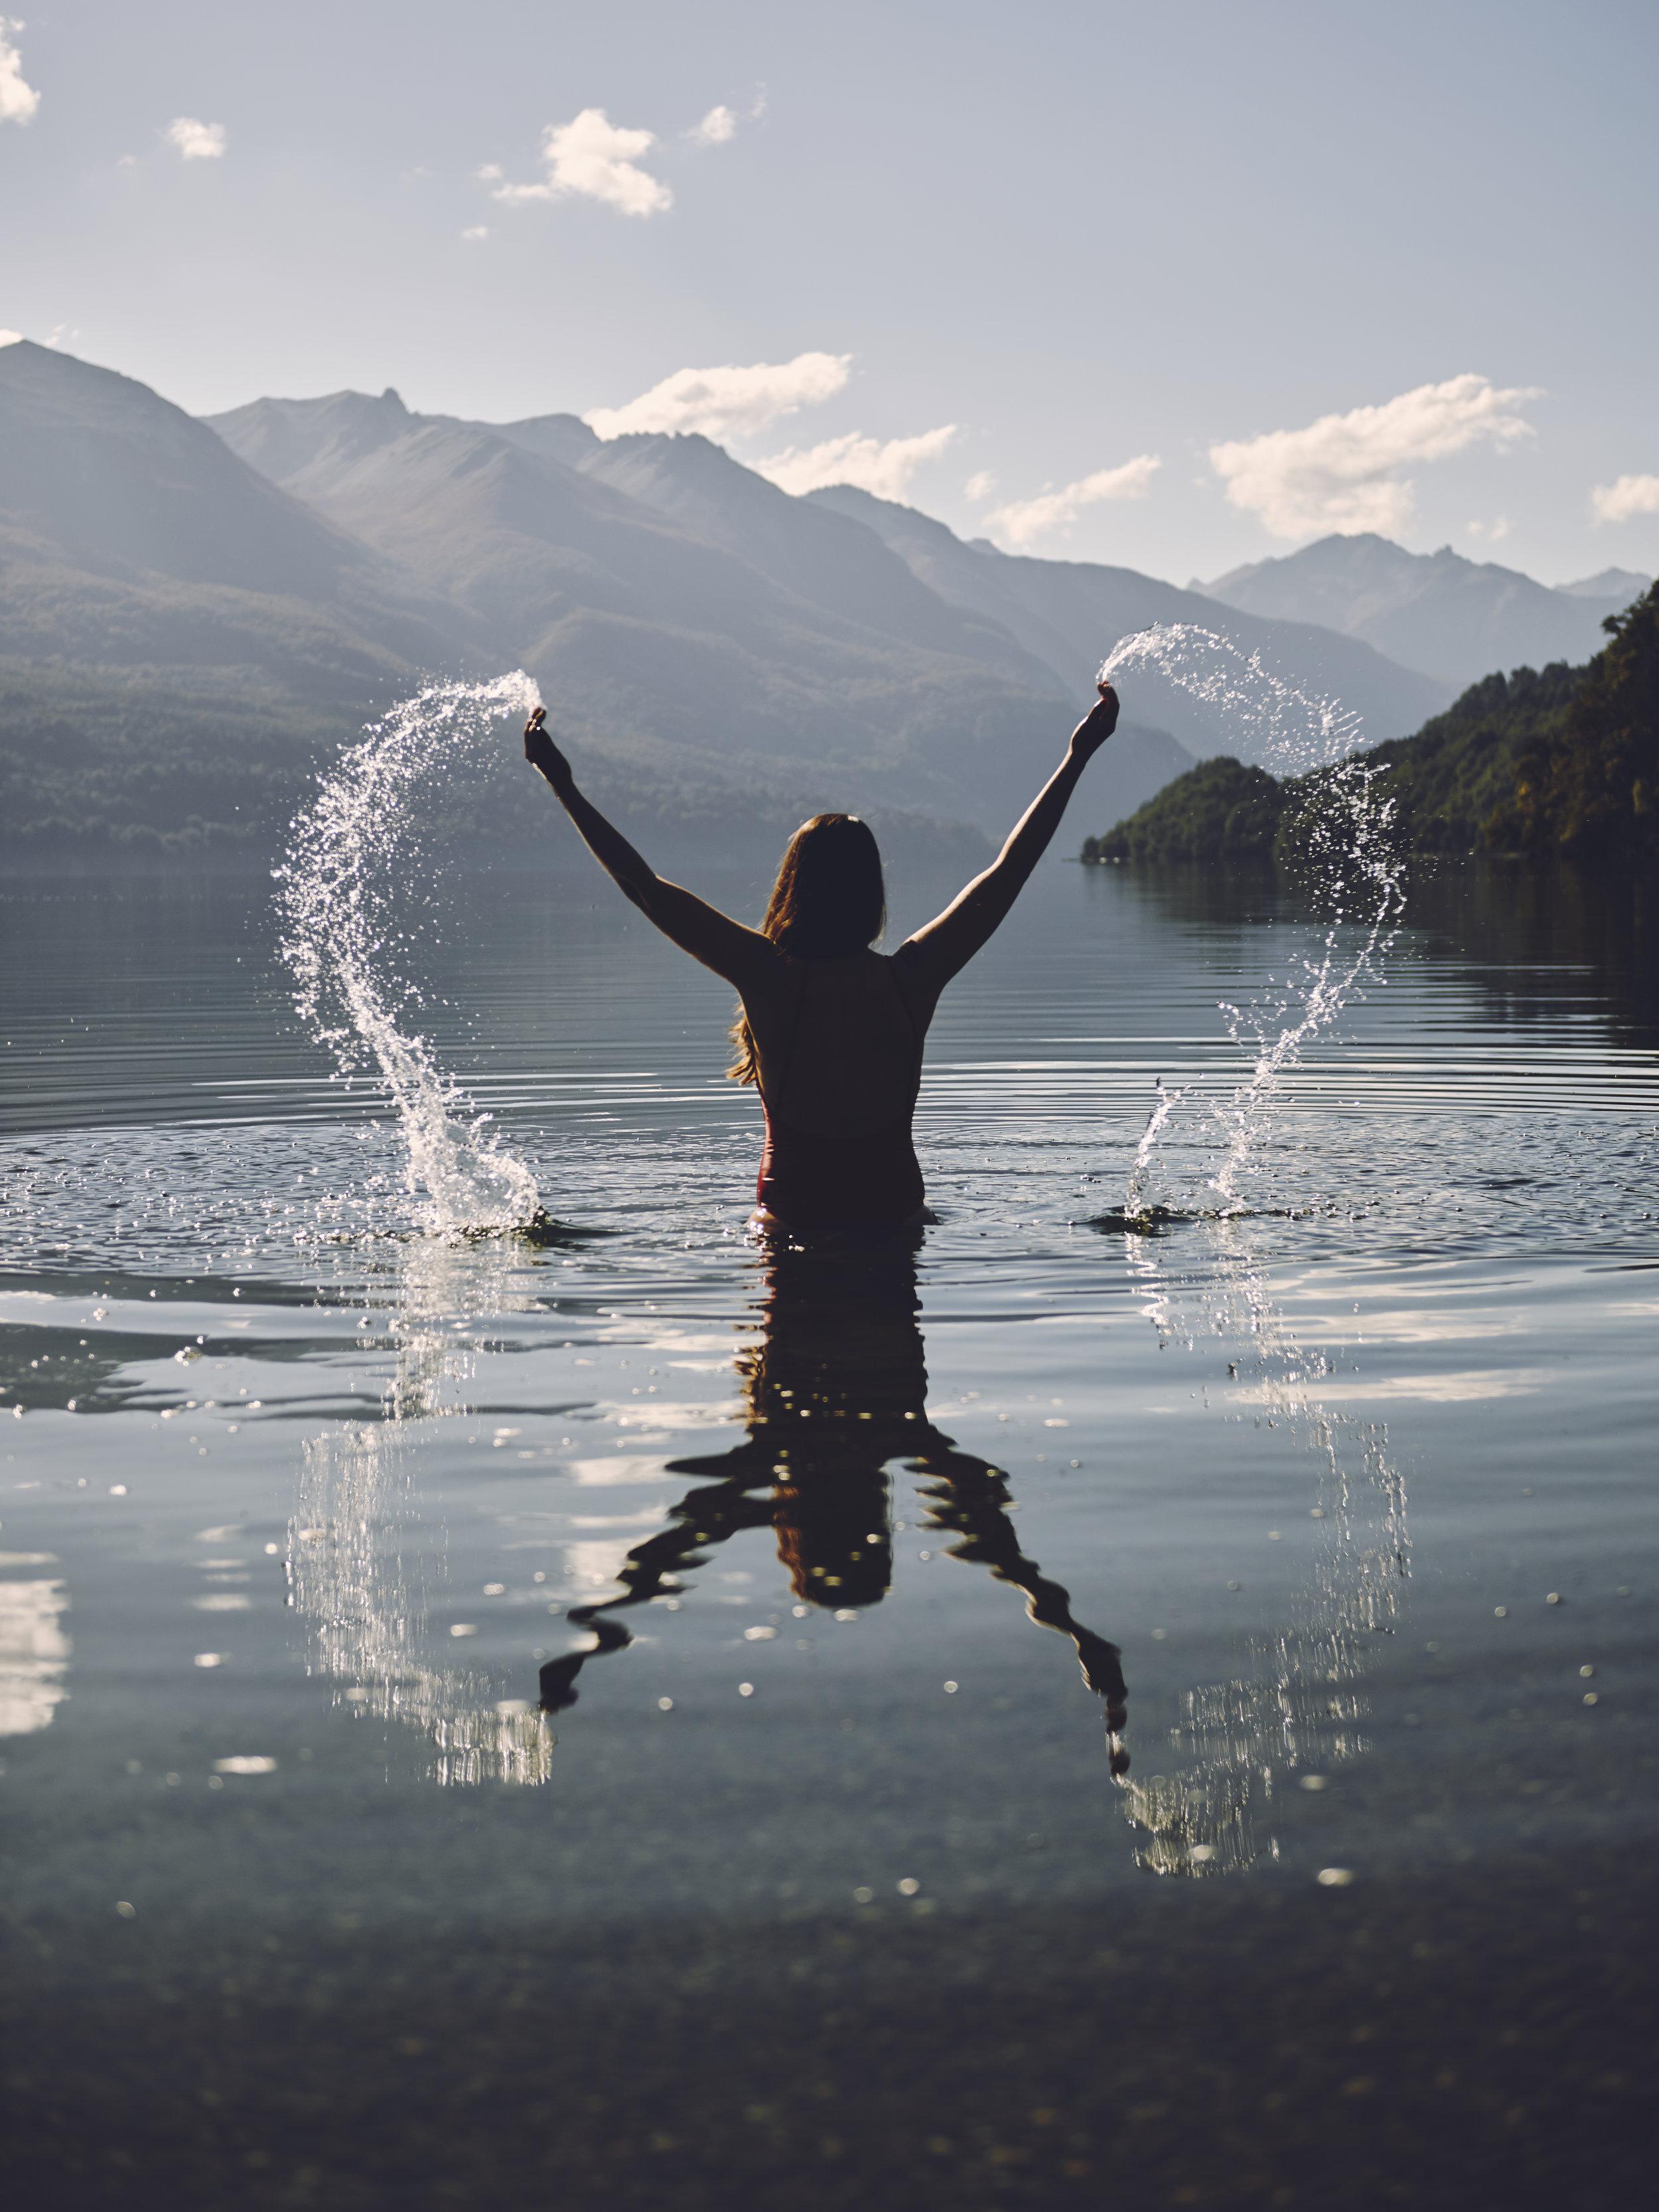 Ich freu mich auf Dich! - Preis: inkl. Yoga, Mahlzeiten & Übernachtung 990 CH oder 890 €Für weitere Fragen und Anmeldung:retreats@christinemay.de